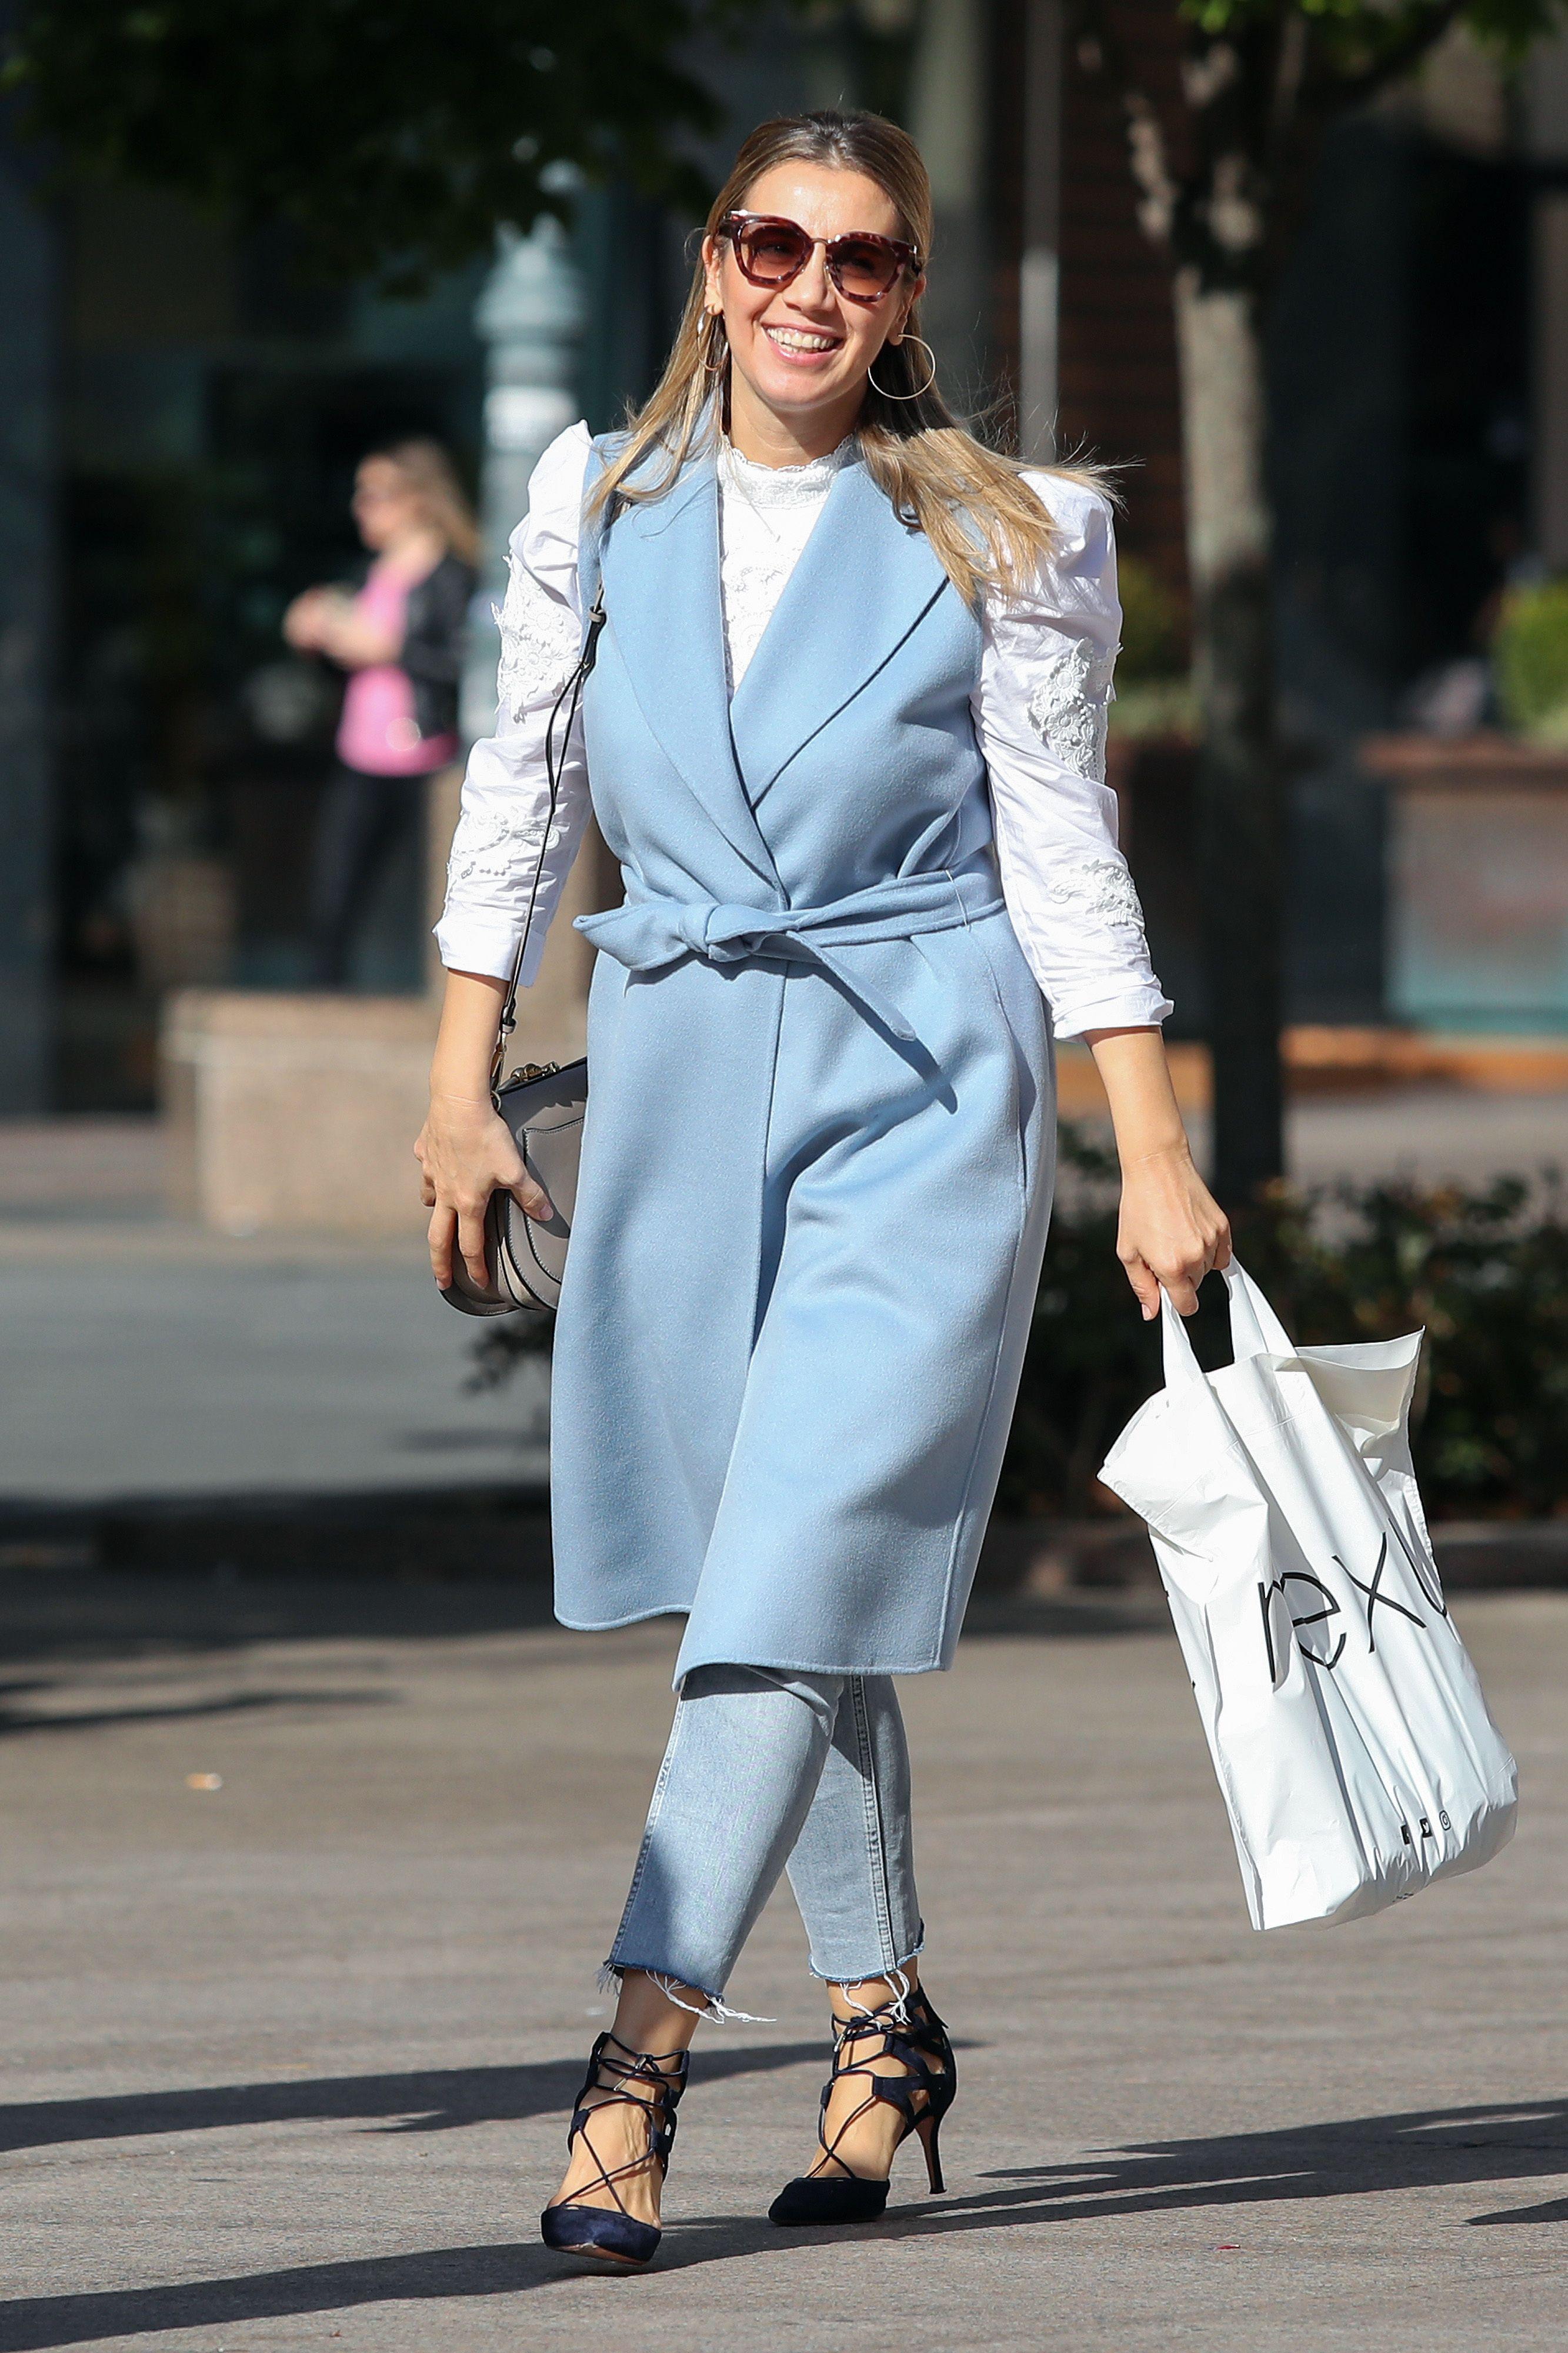 Ljepotica u plavom: Nasmijana djevojka s Cvjetnog trga zablistala je u izvrsnoj damskoj kombinaciji